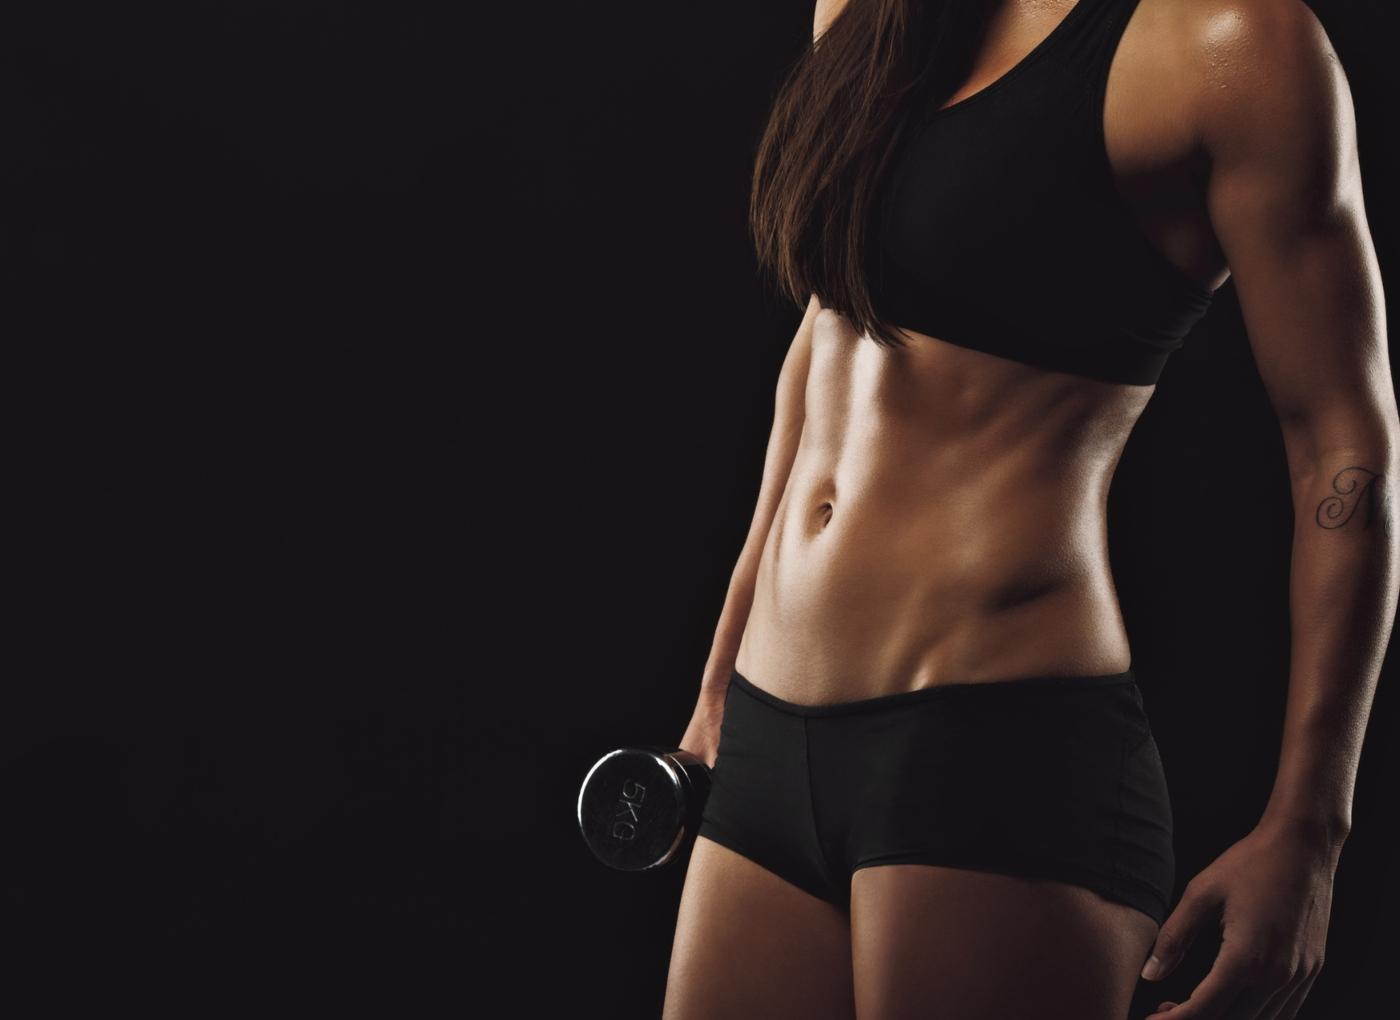 Tipos de treino para ganhar massa muscular